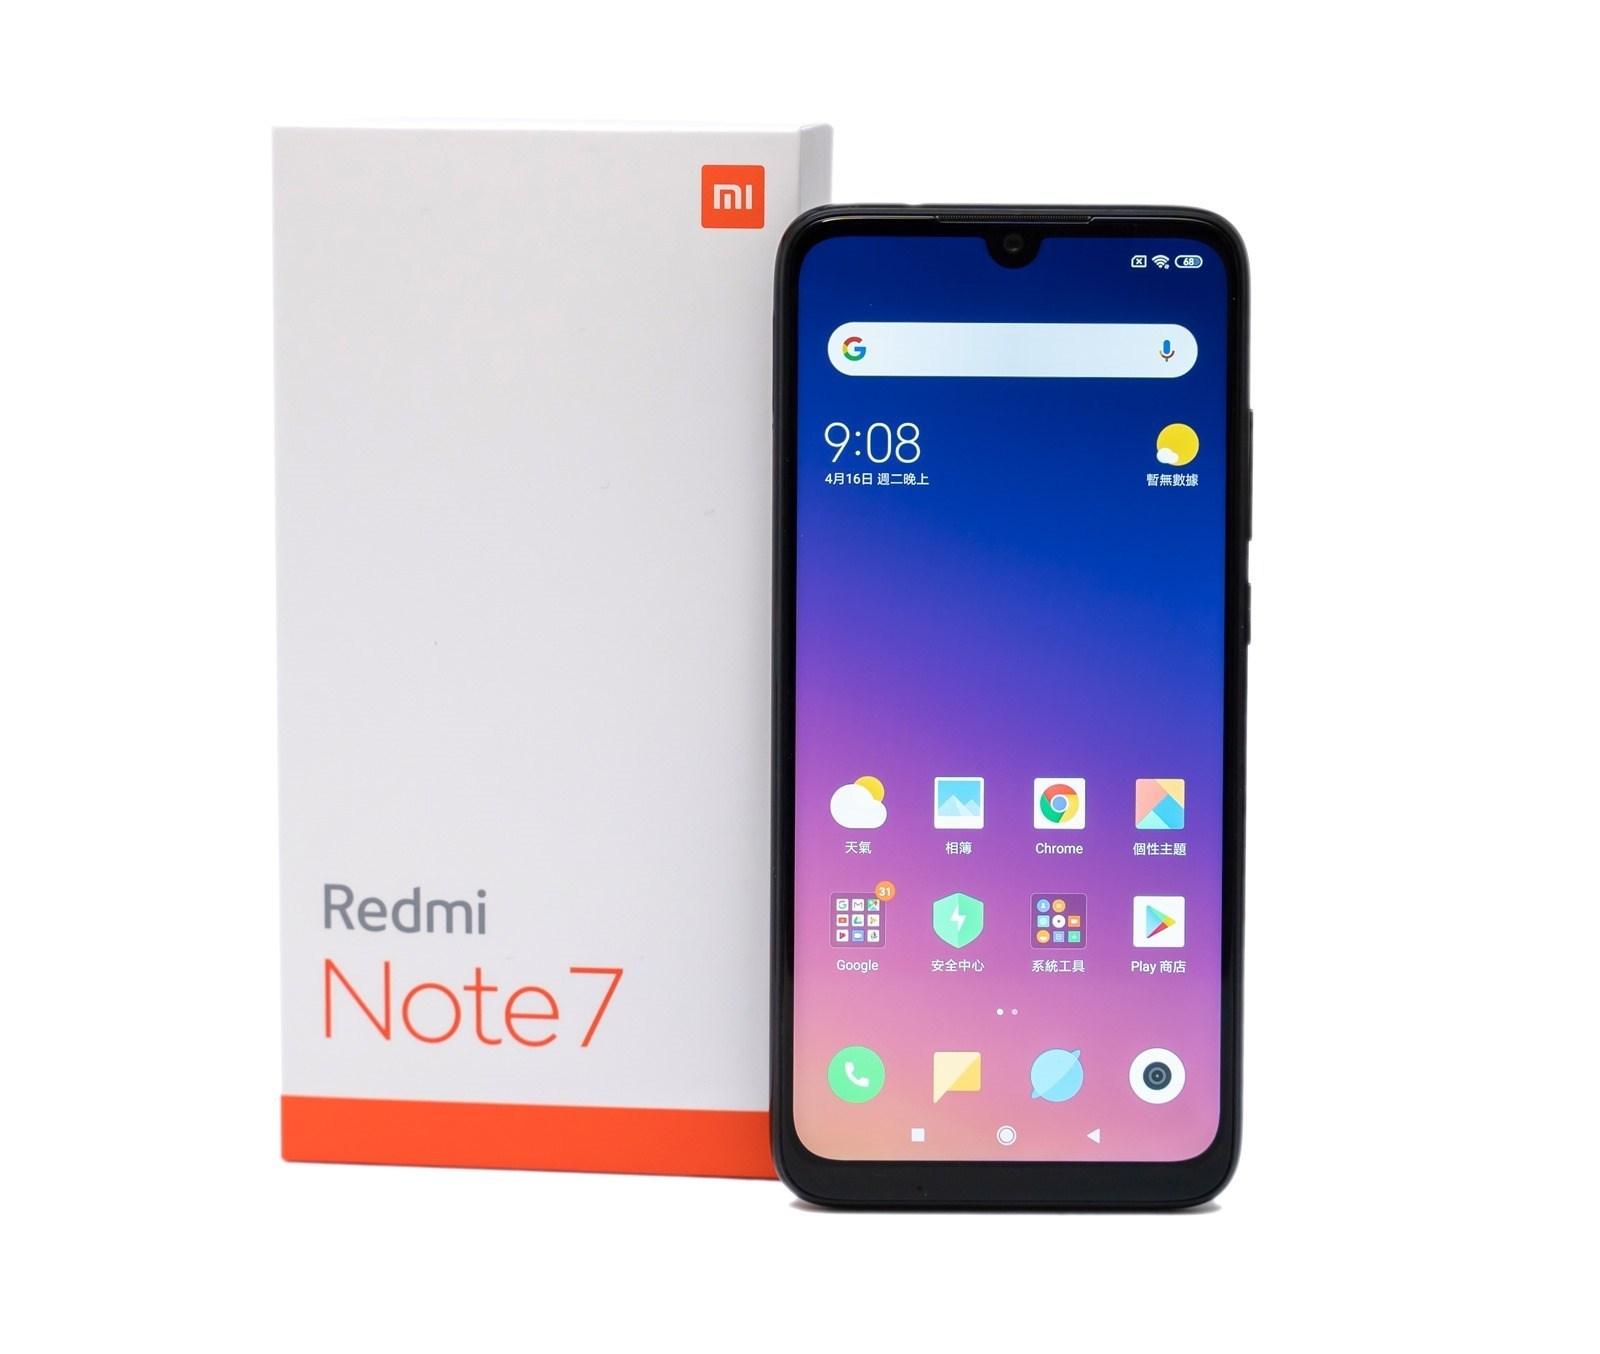 【開箱】紅米新機Redmi Note 7介紹與日本實拍分享